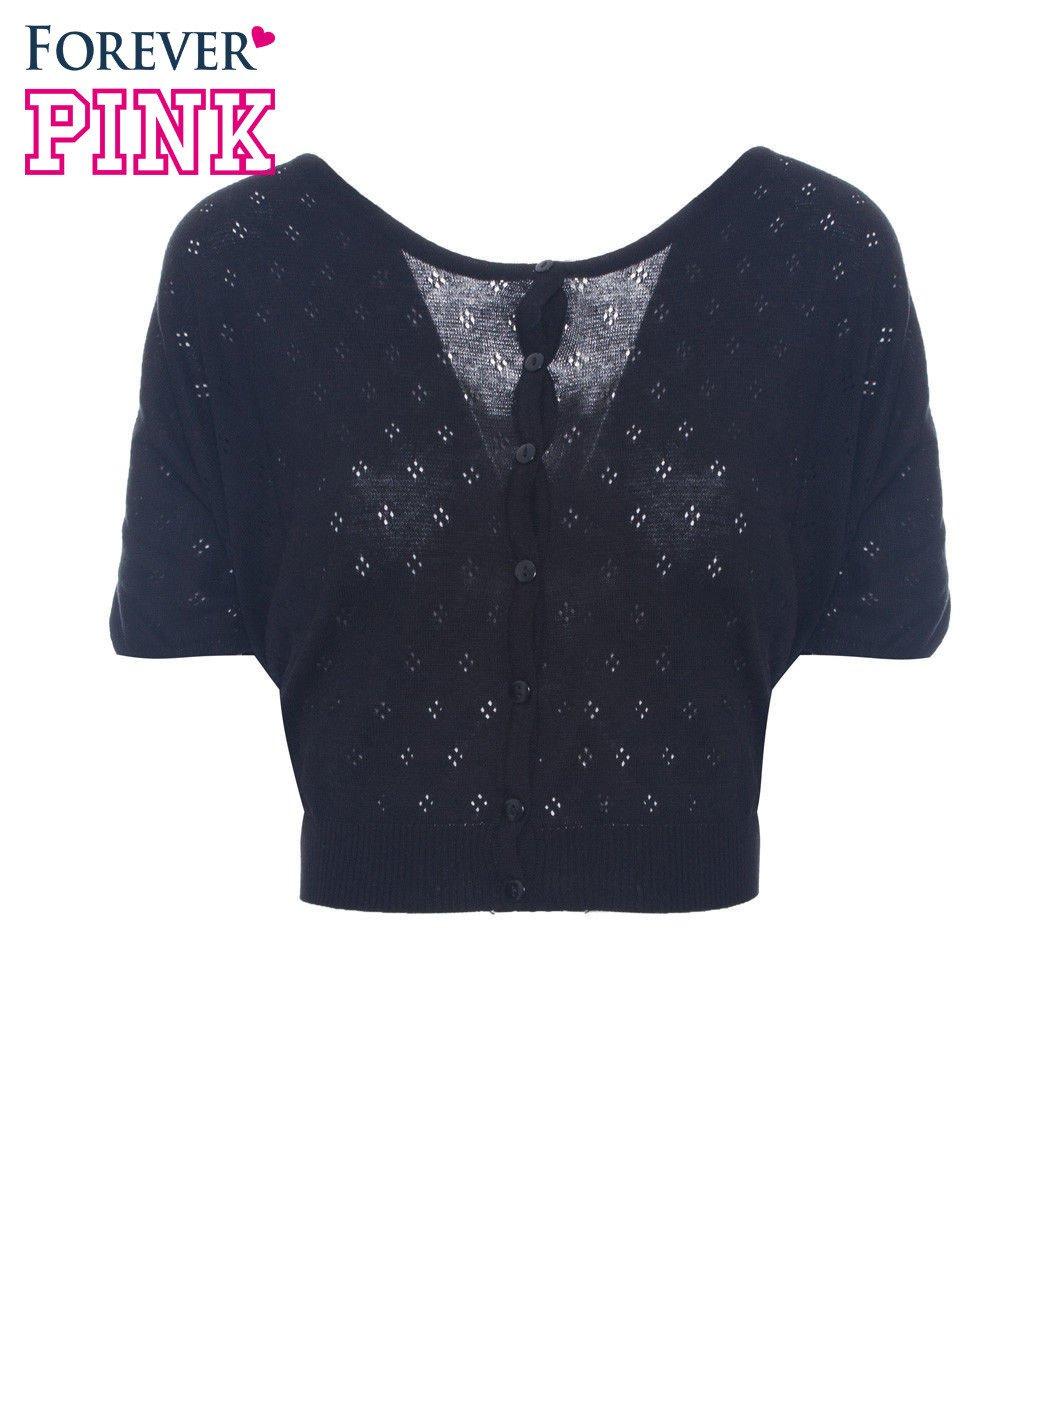 Czarny ażurowy sweterek z krótkim rękawem                                  zdj.                                  2